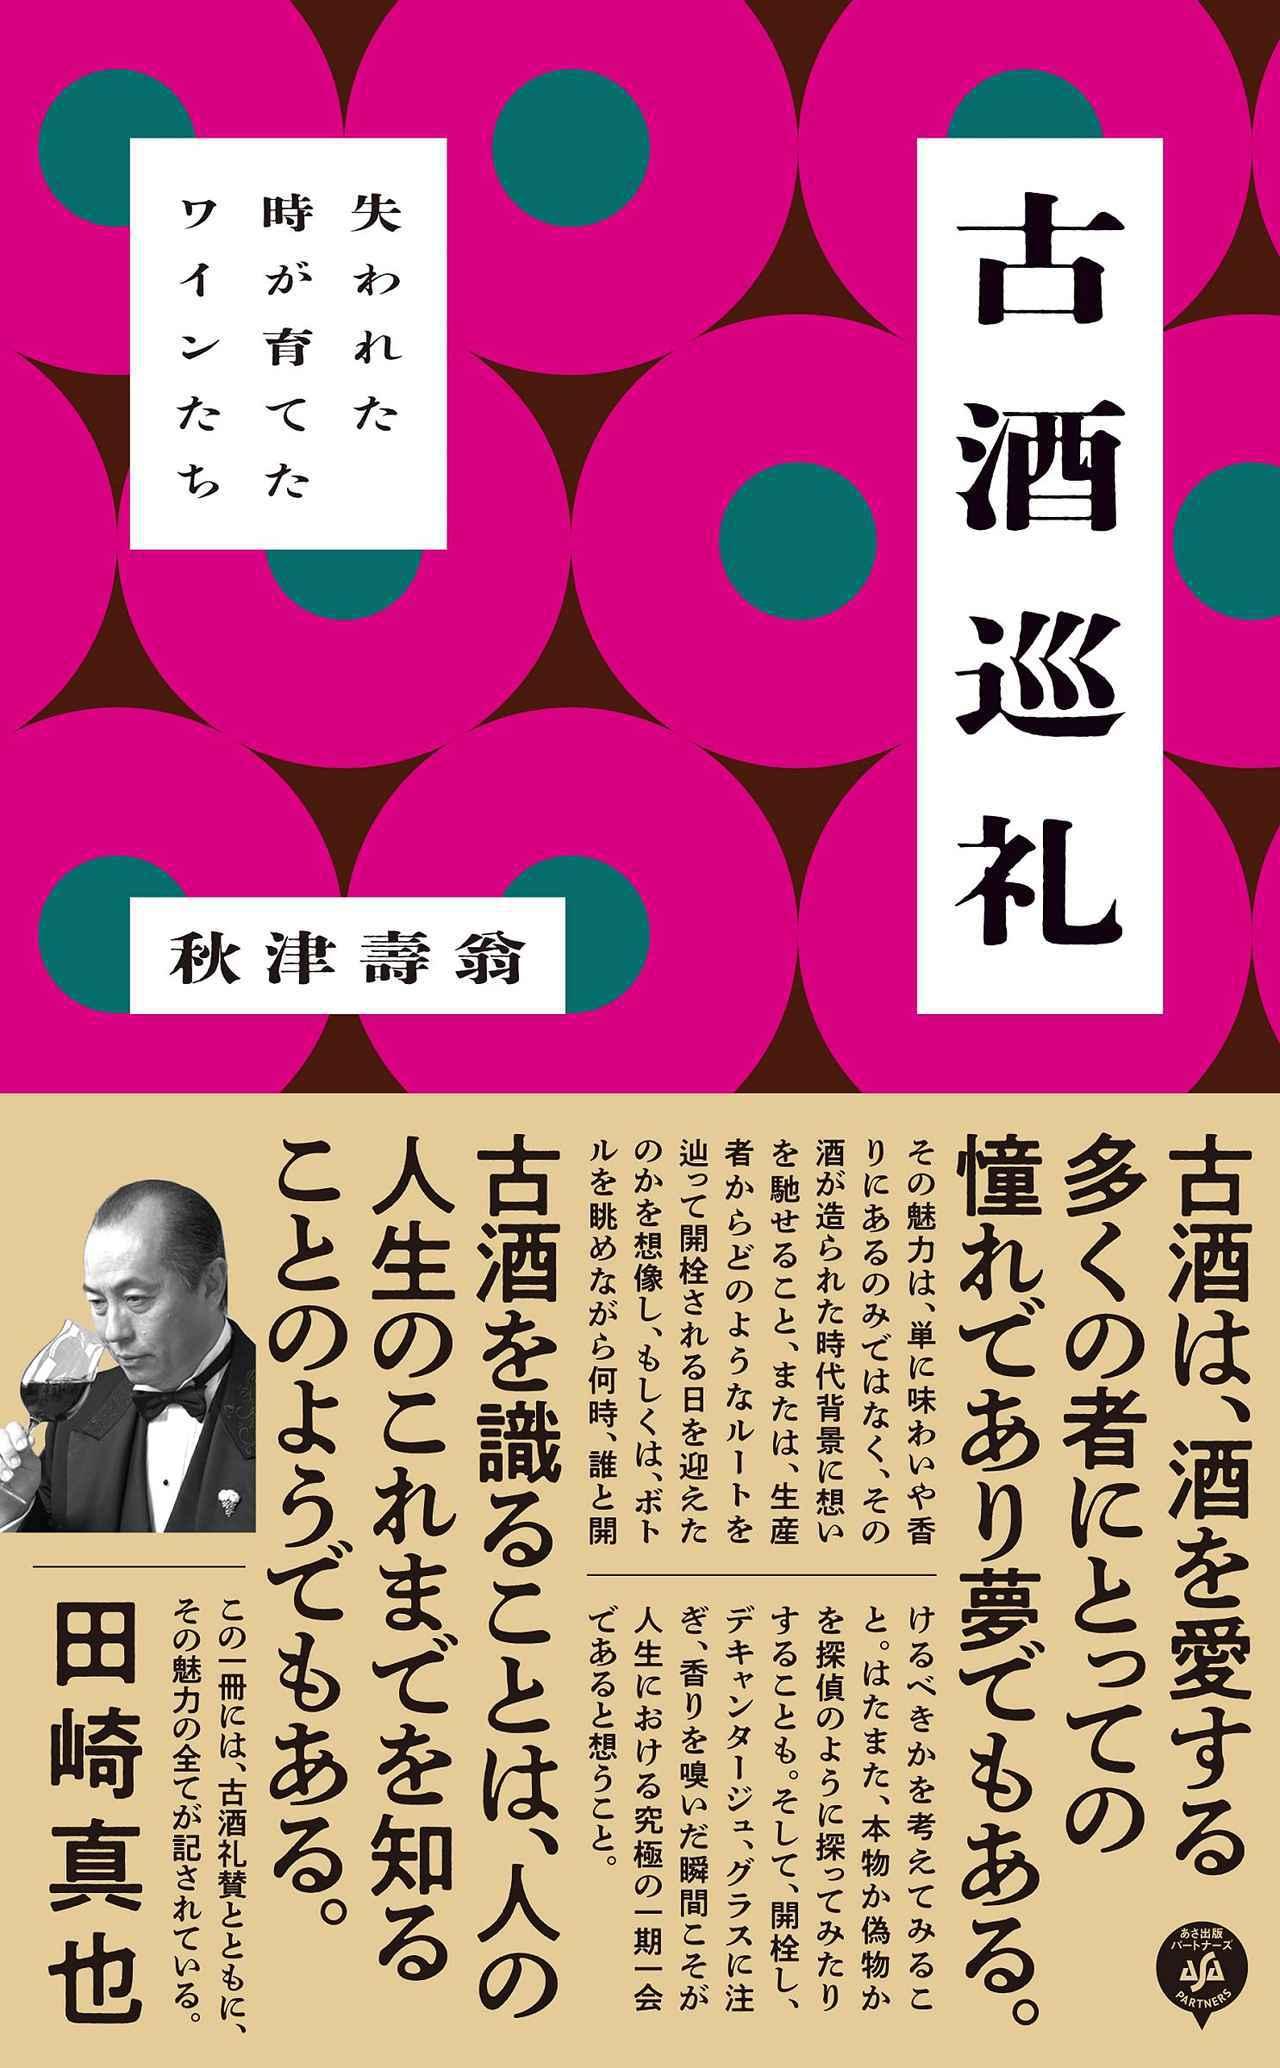 画像: 『古酒巡礼』〜WK Library お勧めブックガイド〜